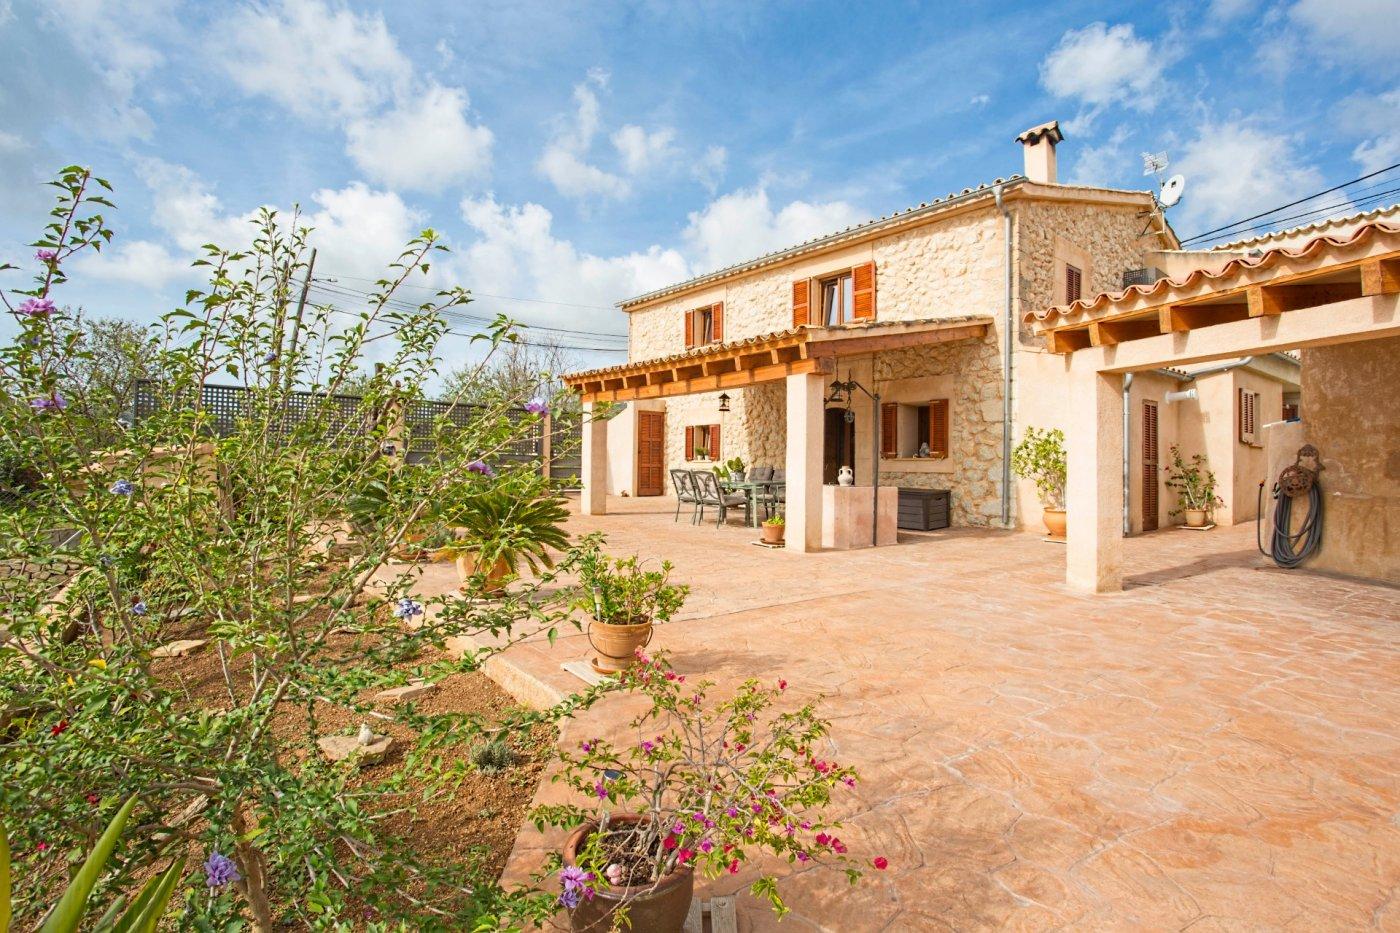 Preciosa casa de piedra mallorquina completamente reformada en es capdella